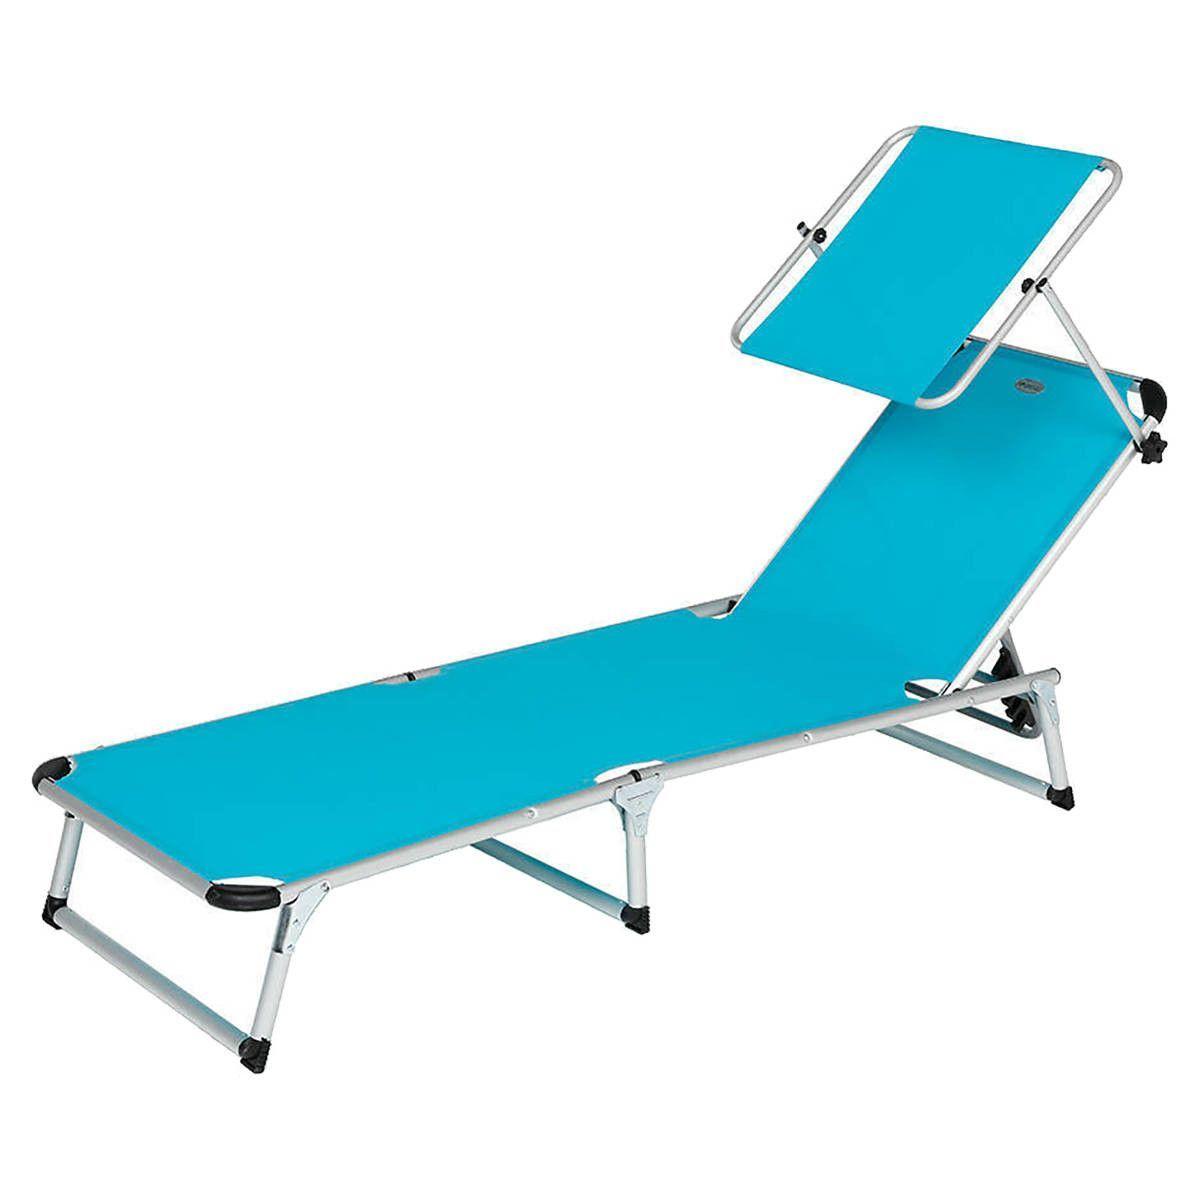 transat pliable avec pare soleil lagos lagon. Black Bedroom Furniture Sets. Home Design Ideas